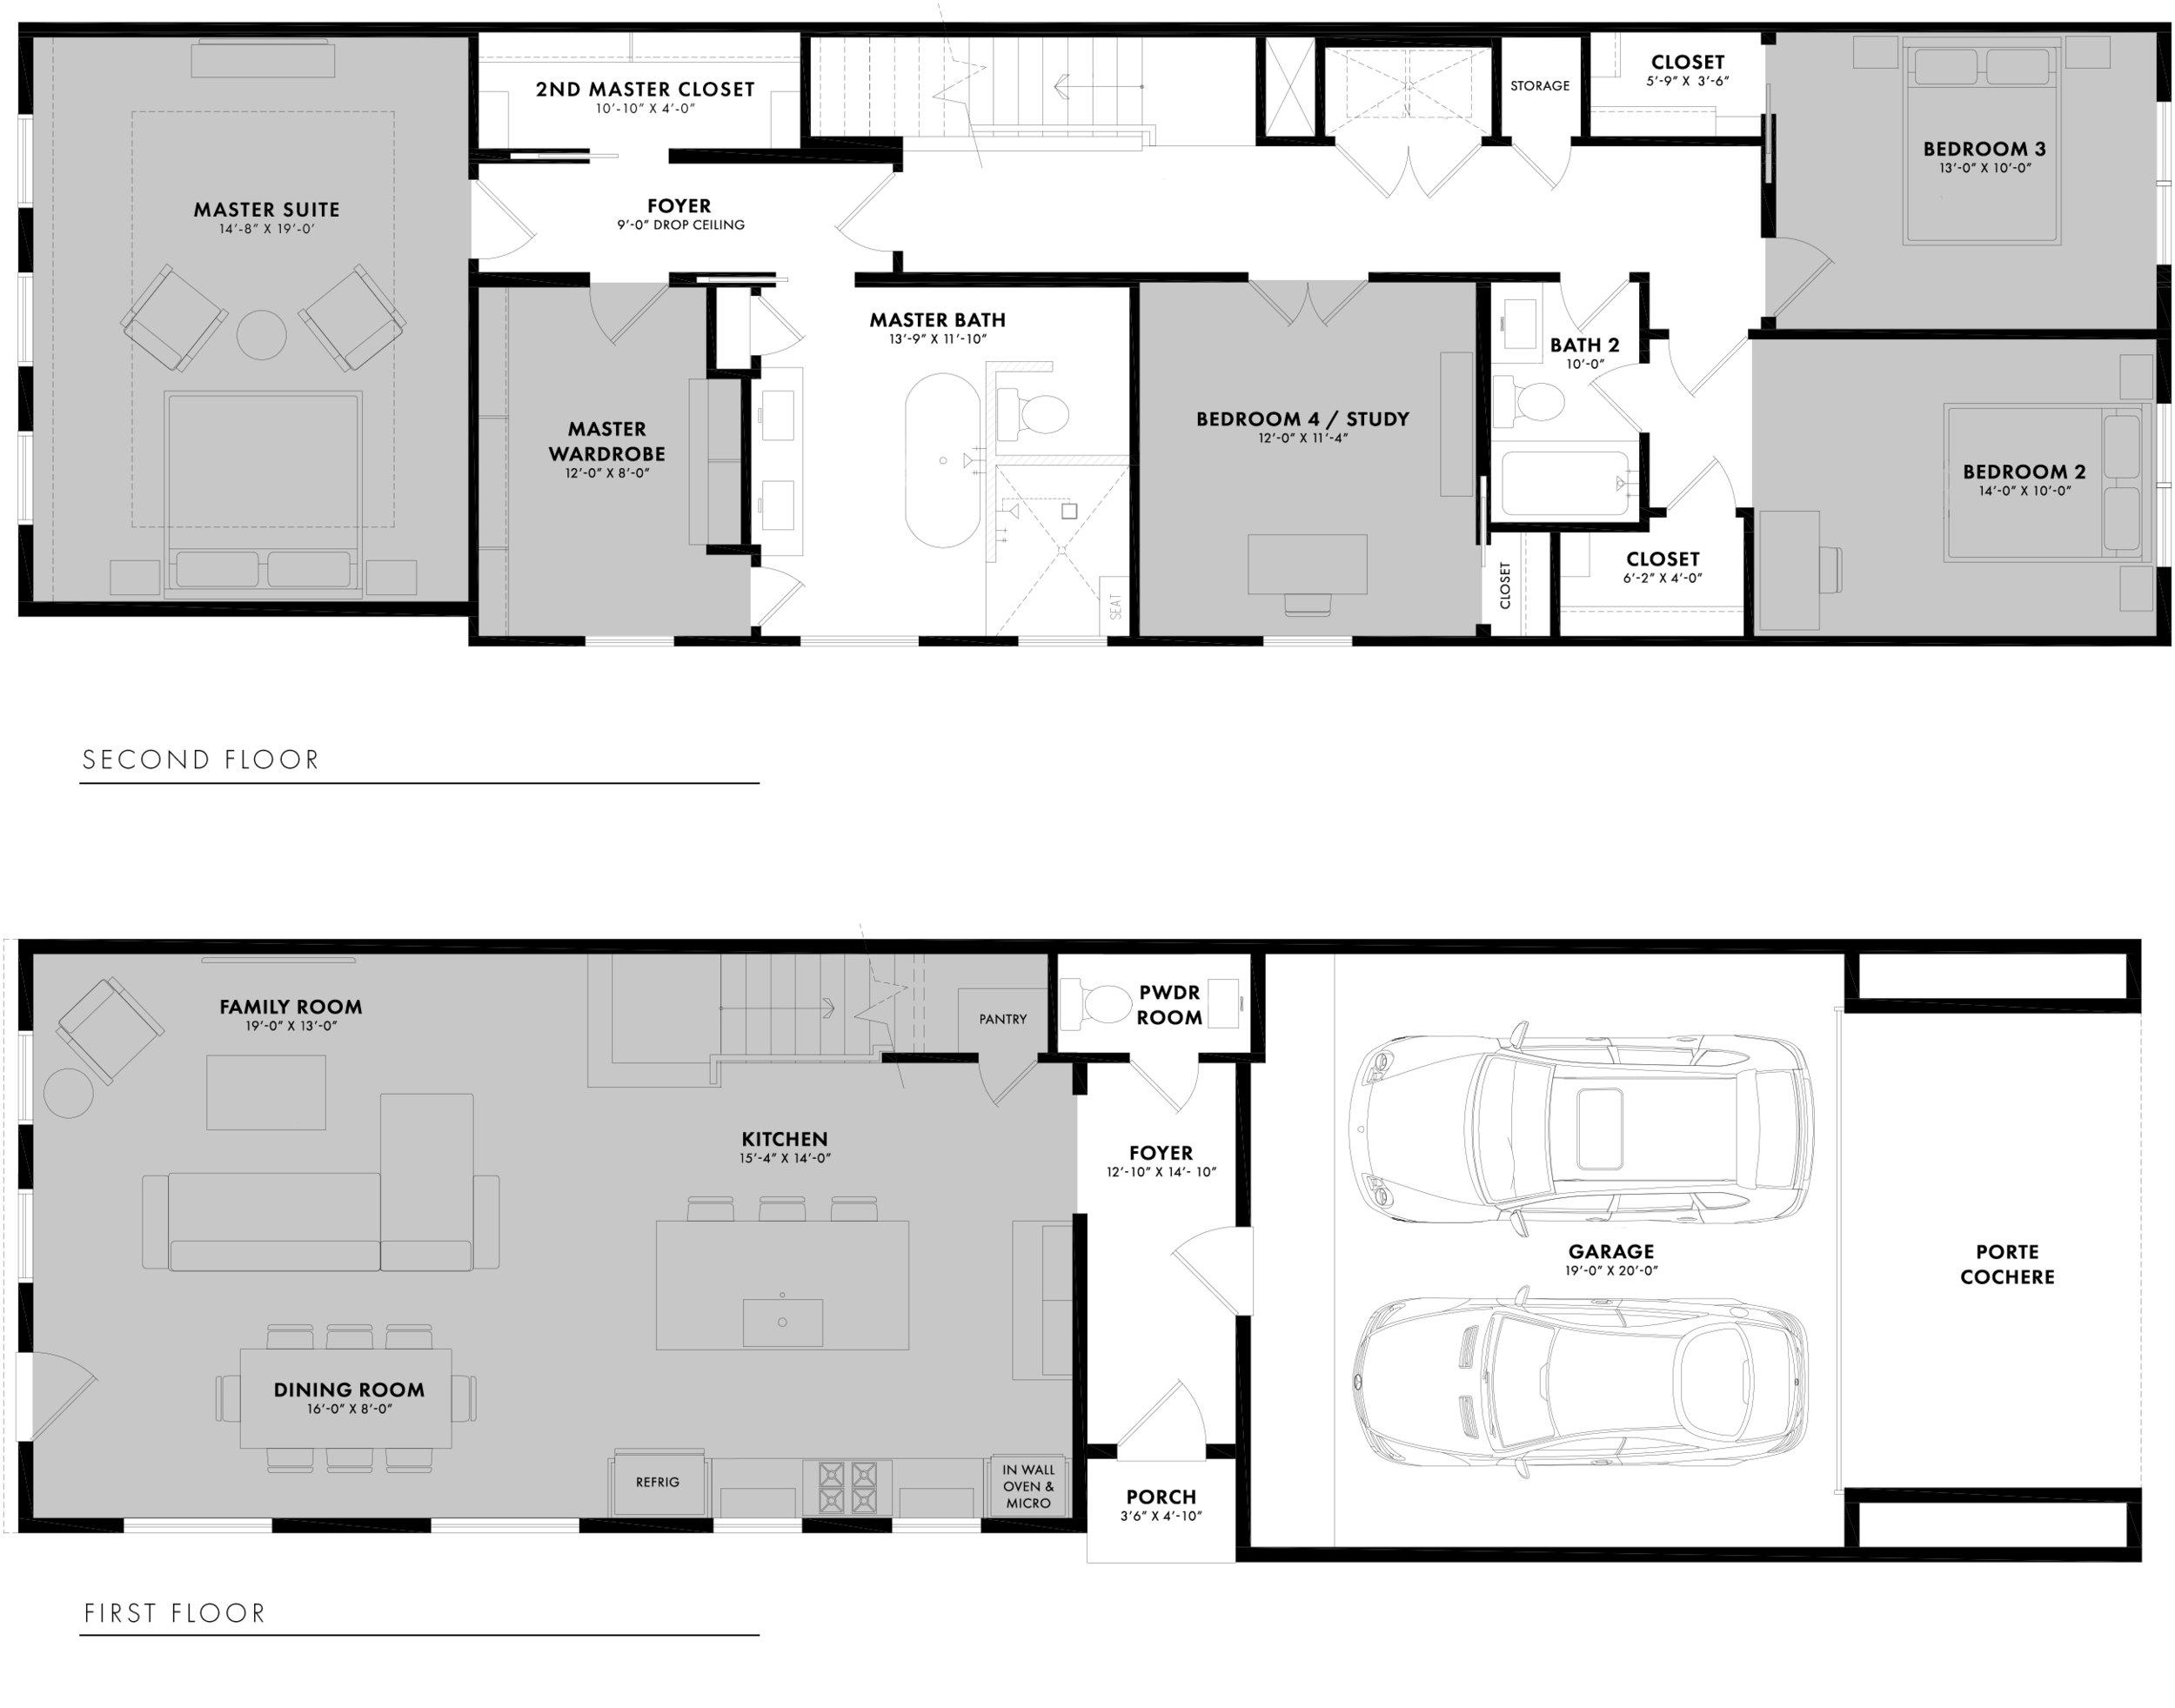 3503_Mosley_-_Floorplan_09.21.2017.jpg